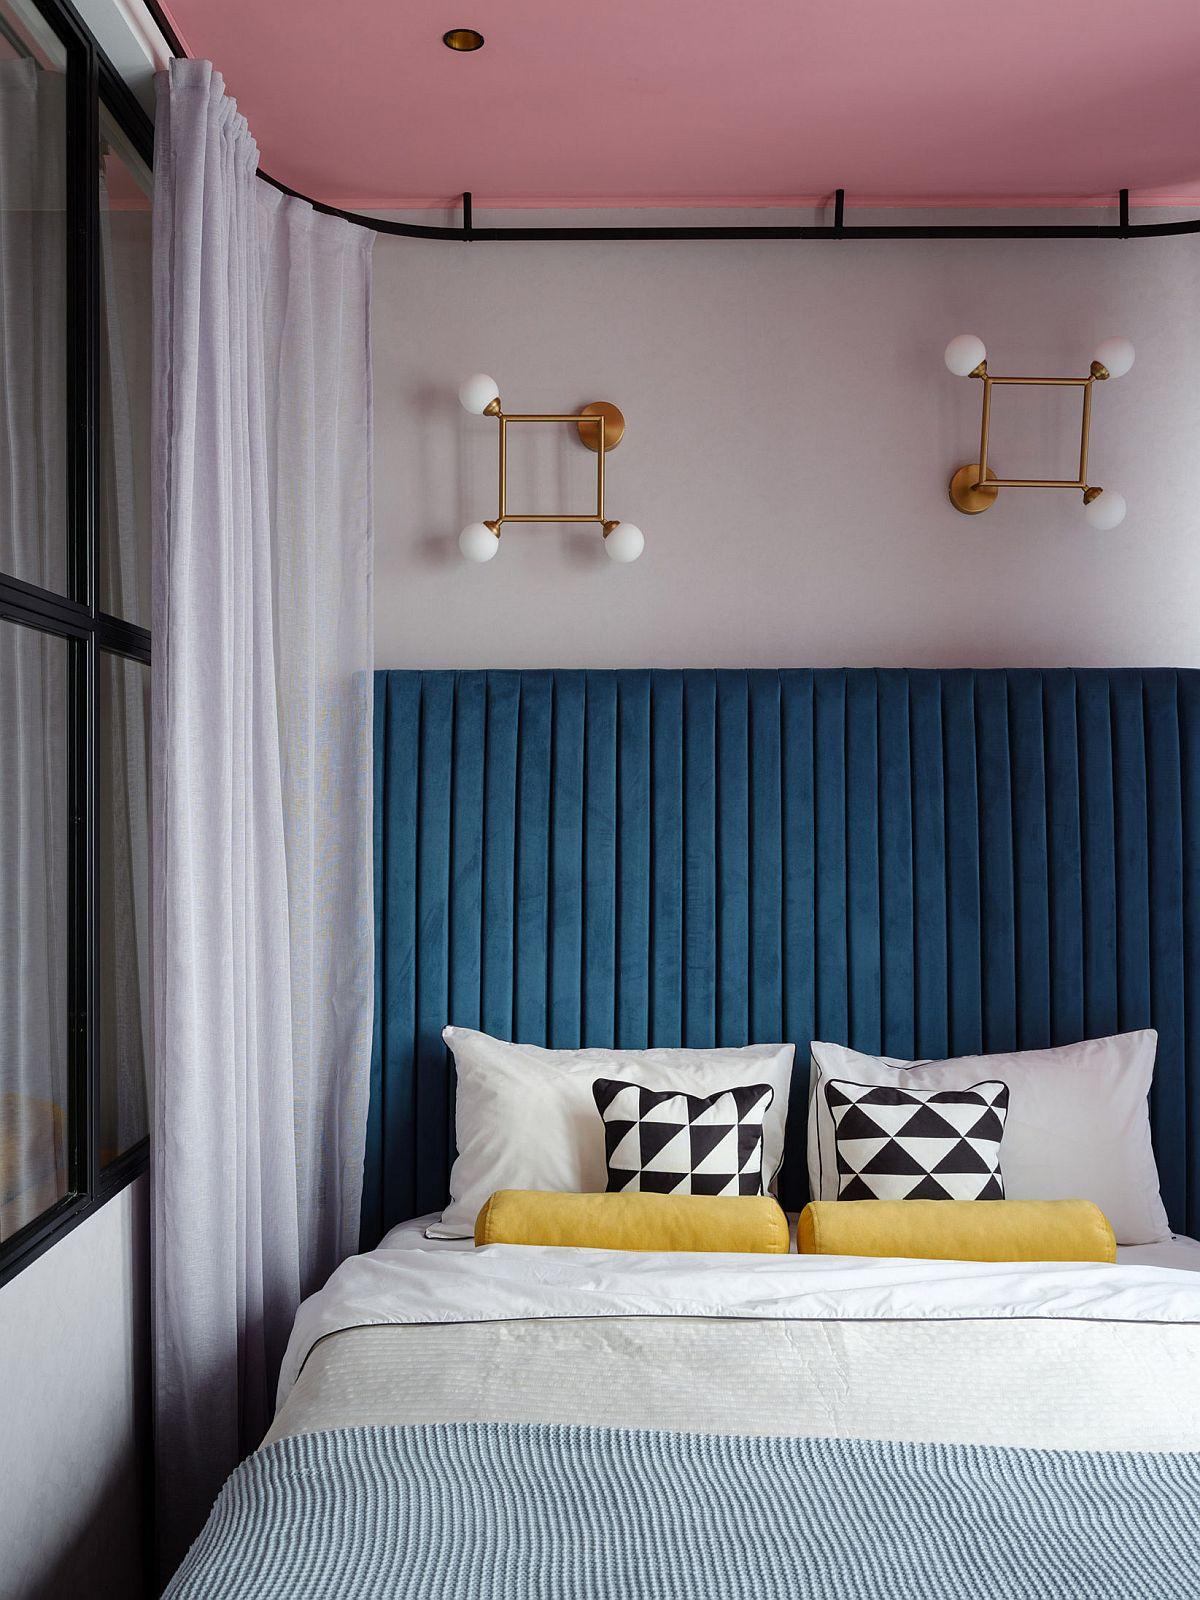 Ca să aibă impresia de cât mai mult roz, designerițele au prevăzut ca plafonul din dormitor să fie roz, dar în rest au ales o schmeă cromatică inspirată din anii 80 (pop) cu albastru, galben și imprimeuri grafice în al și negru. Tăblia patului este înaltă pentru a imprima mai mult confort.